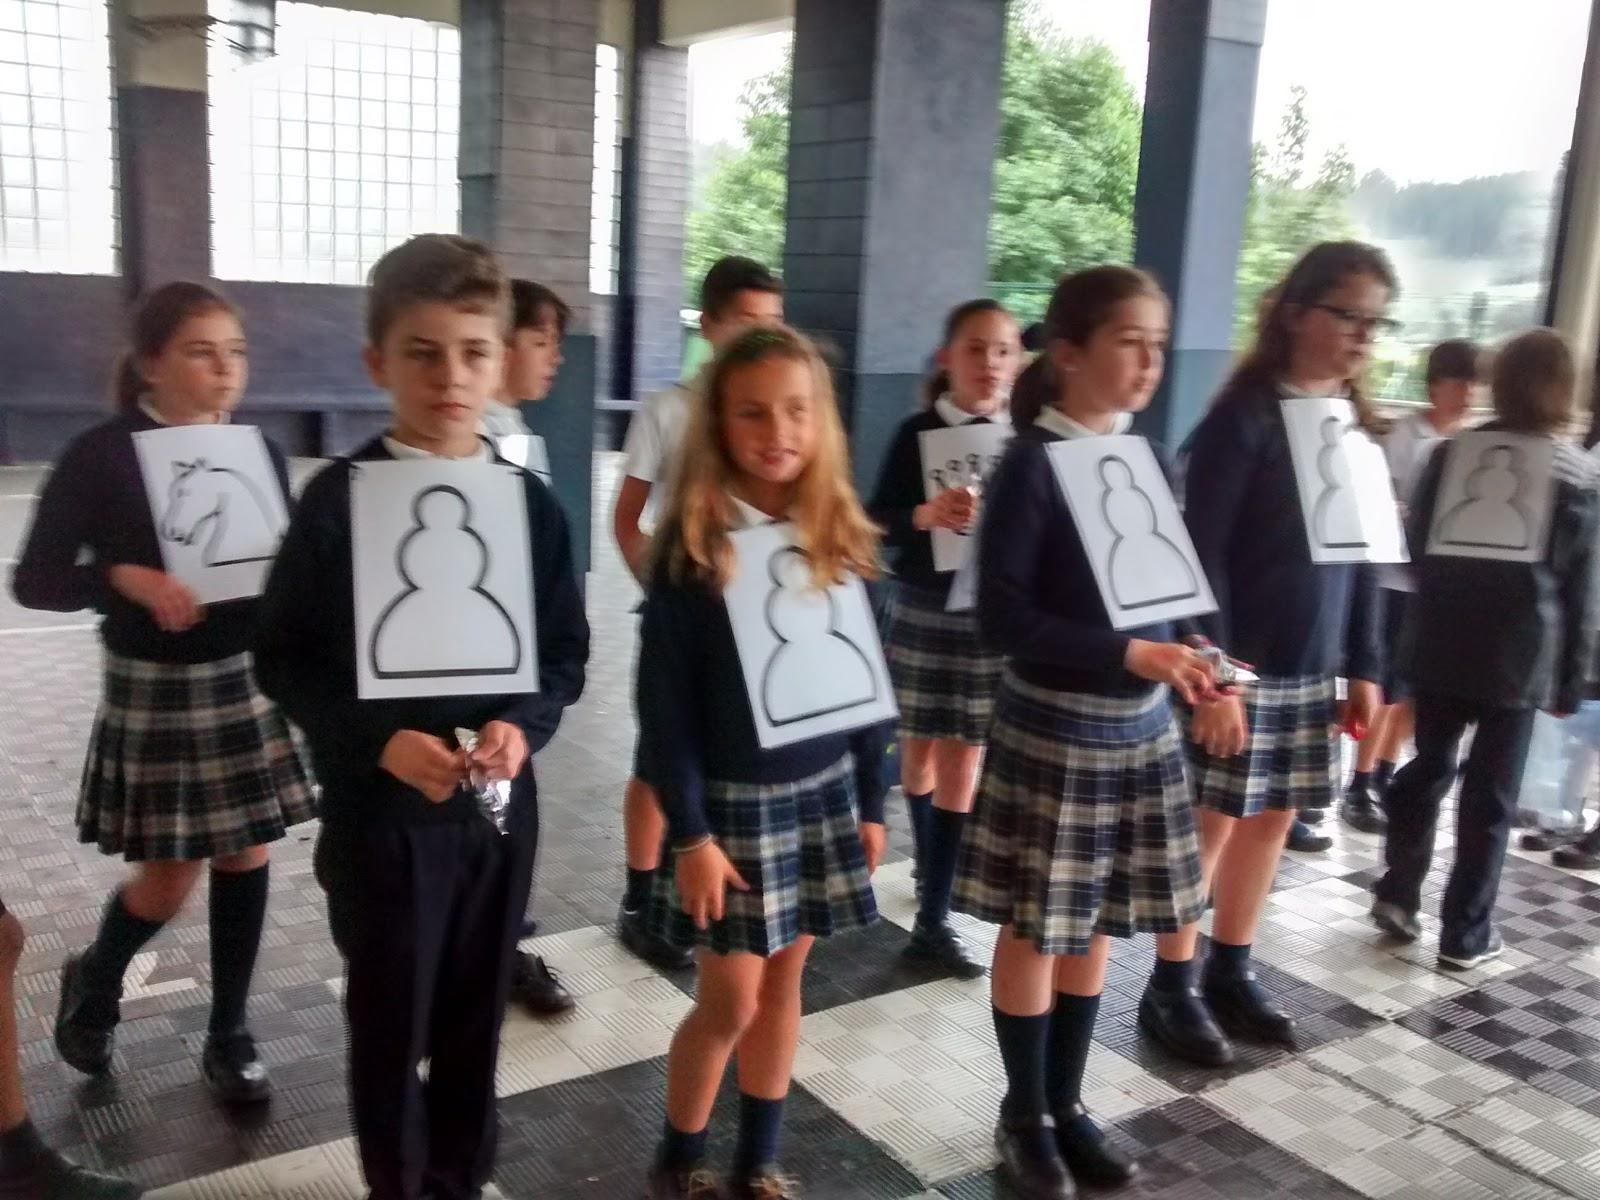 4º EP juega al ajedrez en el patio del colegio